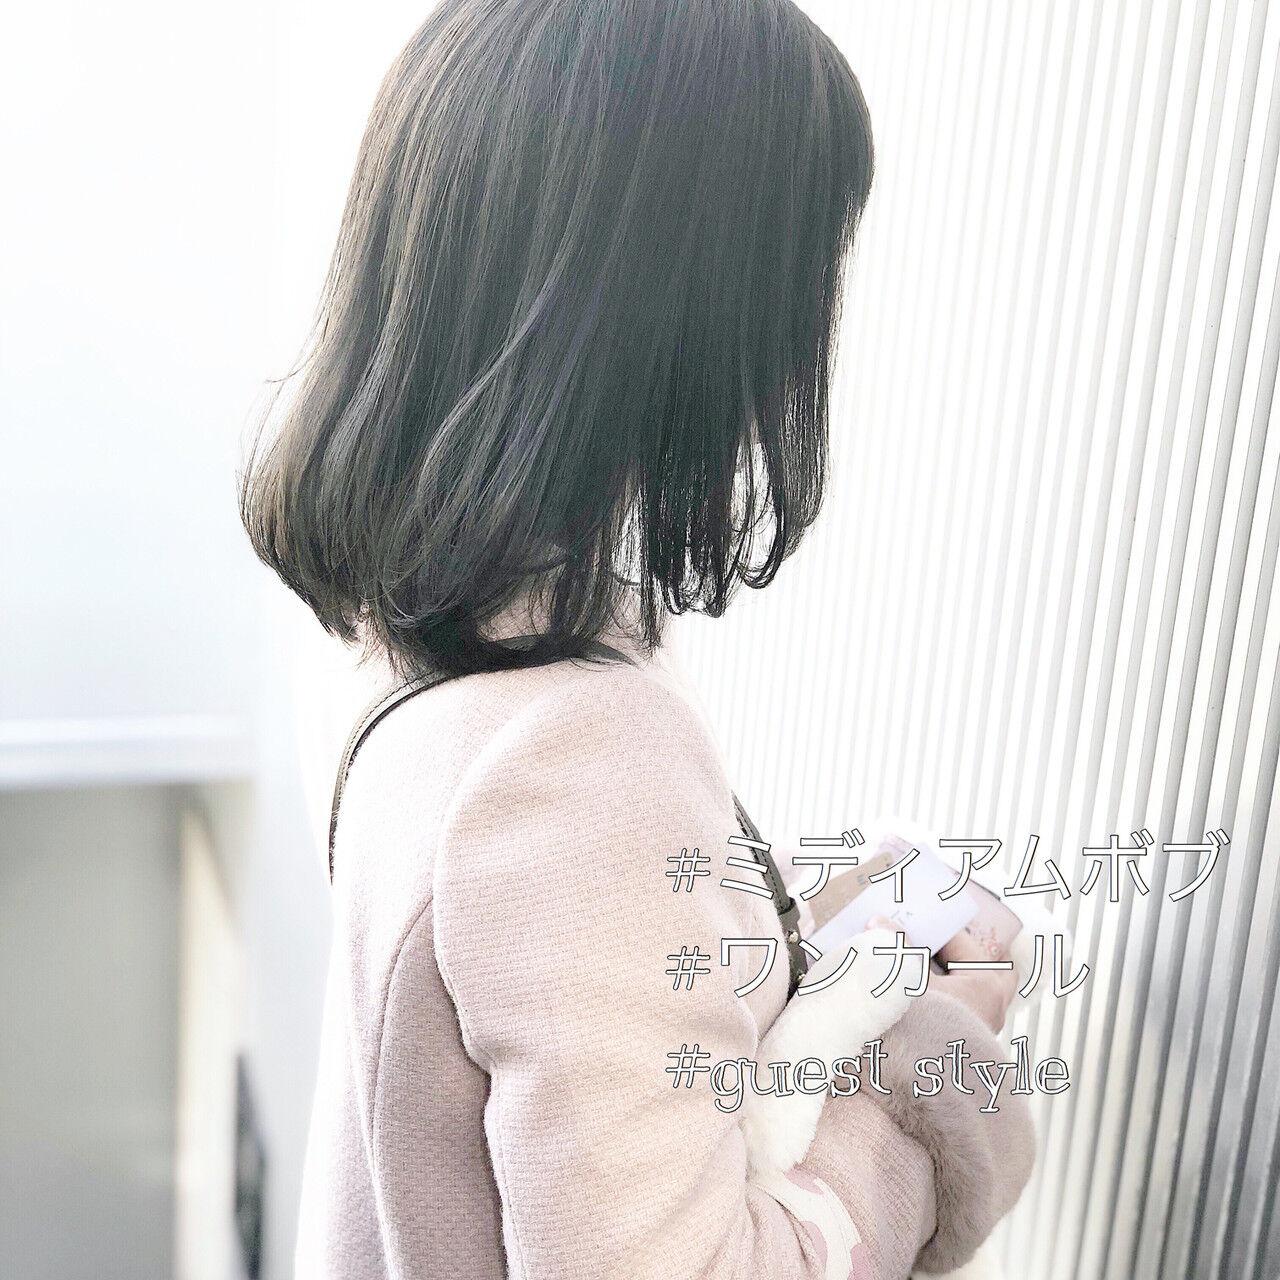 アンニュイほつれヘア アッシュグレージュ 前髪 ボブヘアスタイルや髪型の写真・画像